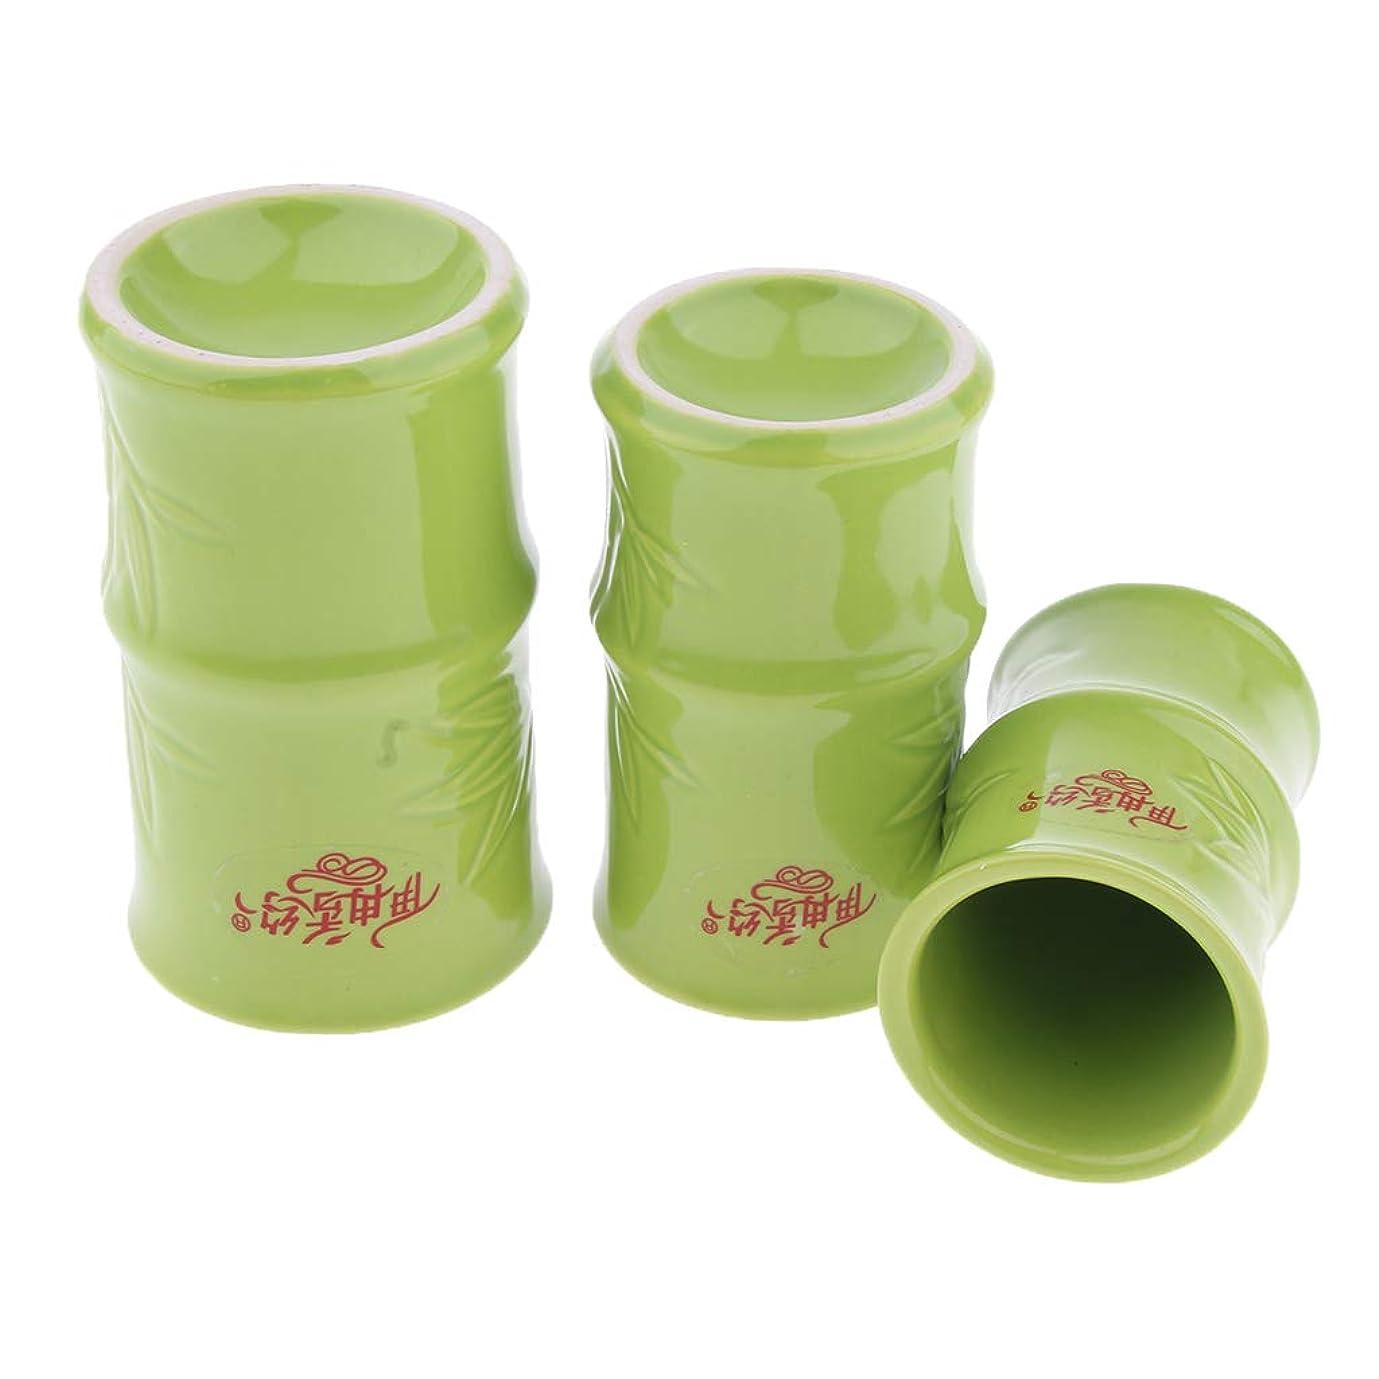 抜粋フォーラム肝Perfeclan 中国 伝統的 健康法 吸玉 手軽 カッピングカップ 3個セット セラミック製 ボディ マッサージ